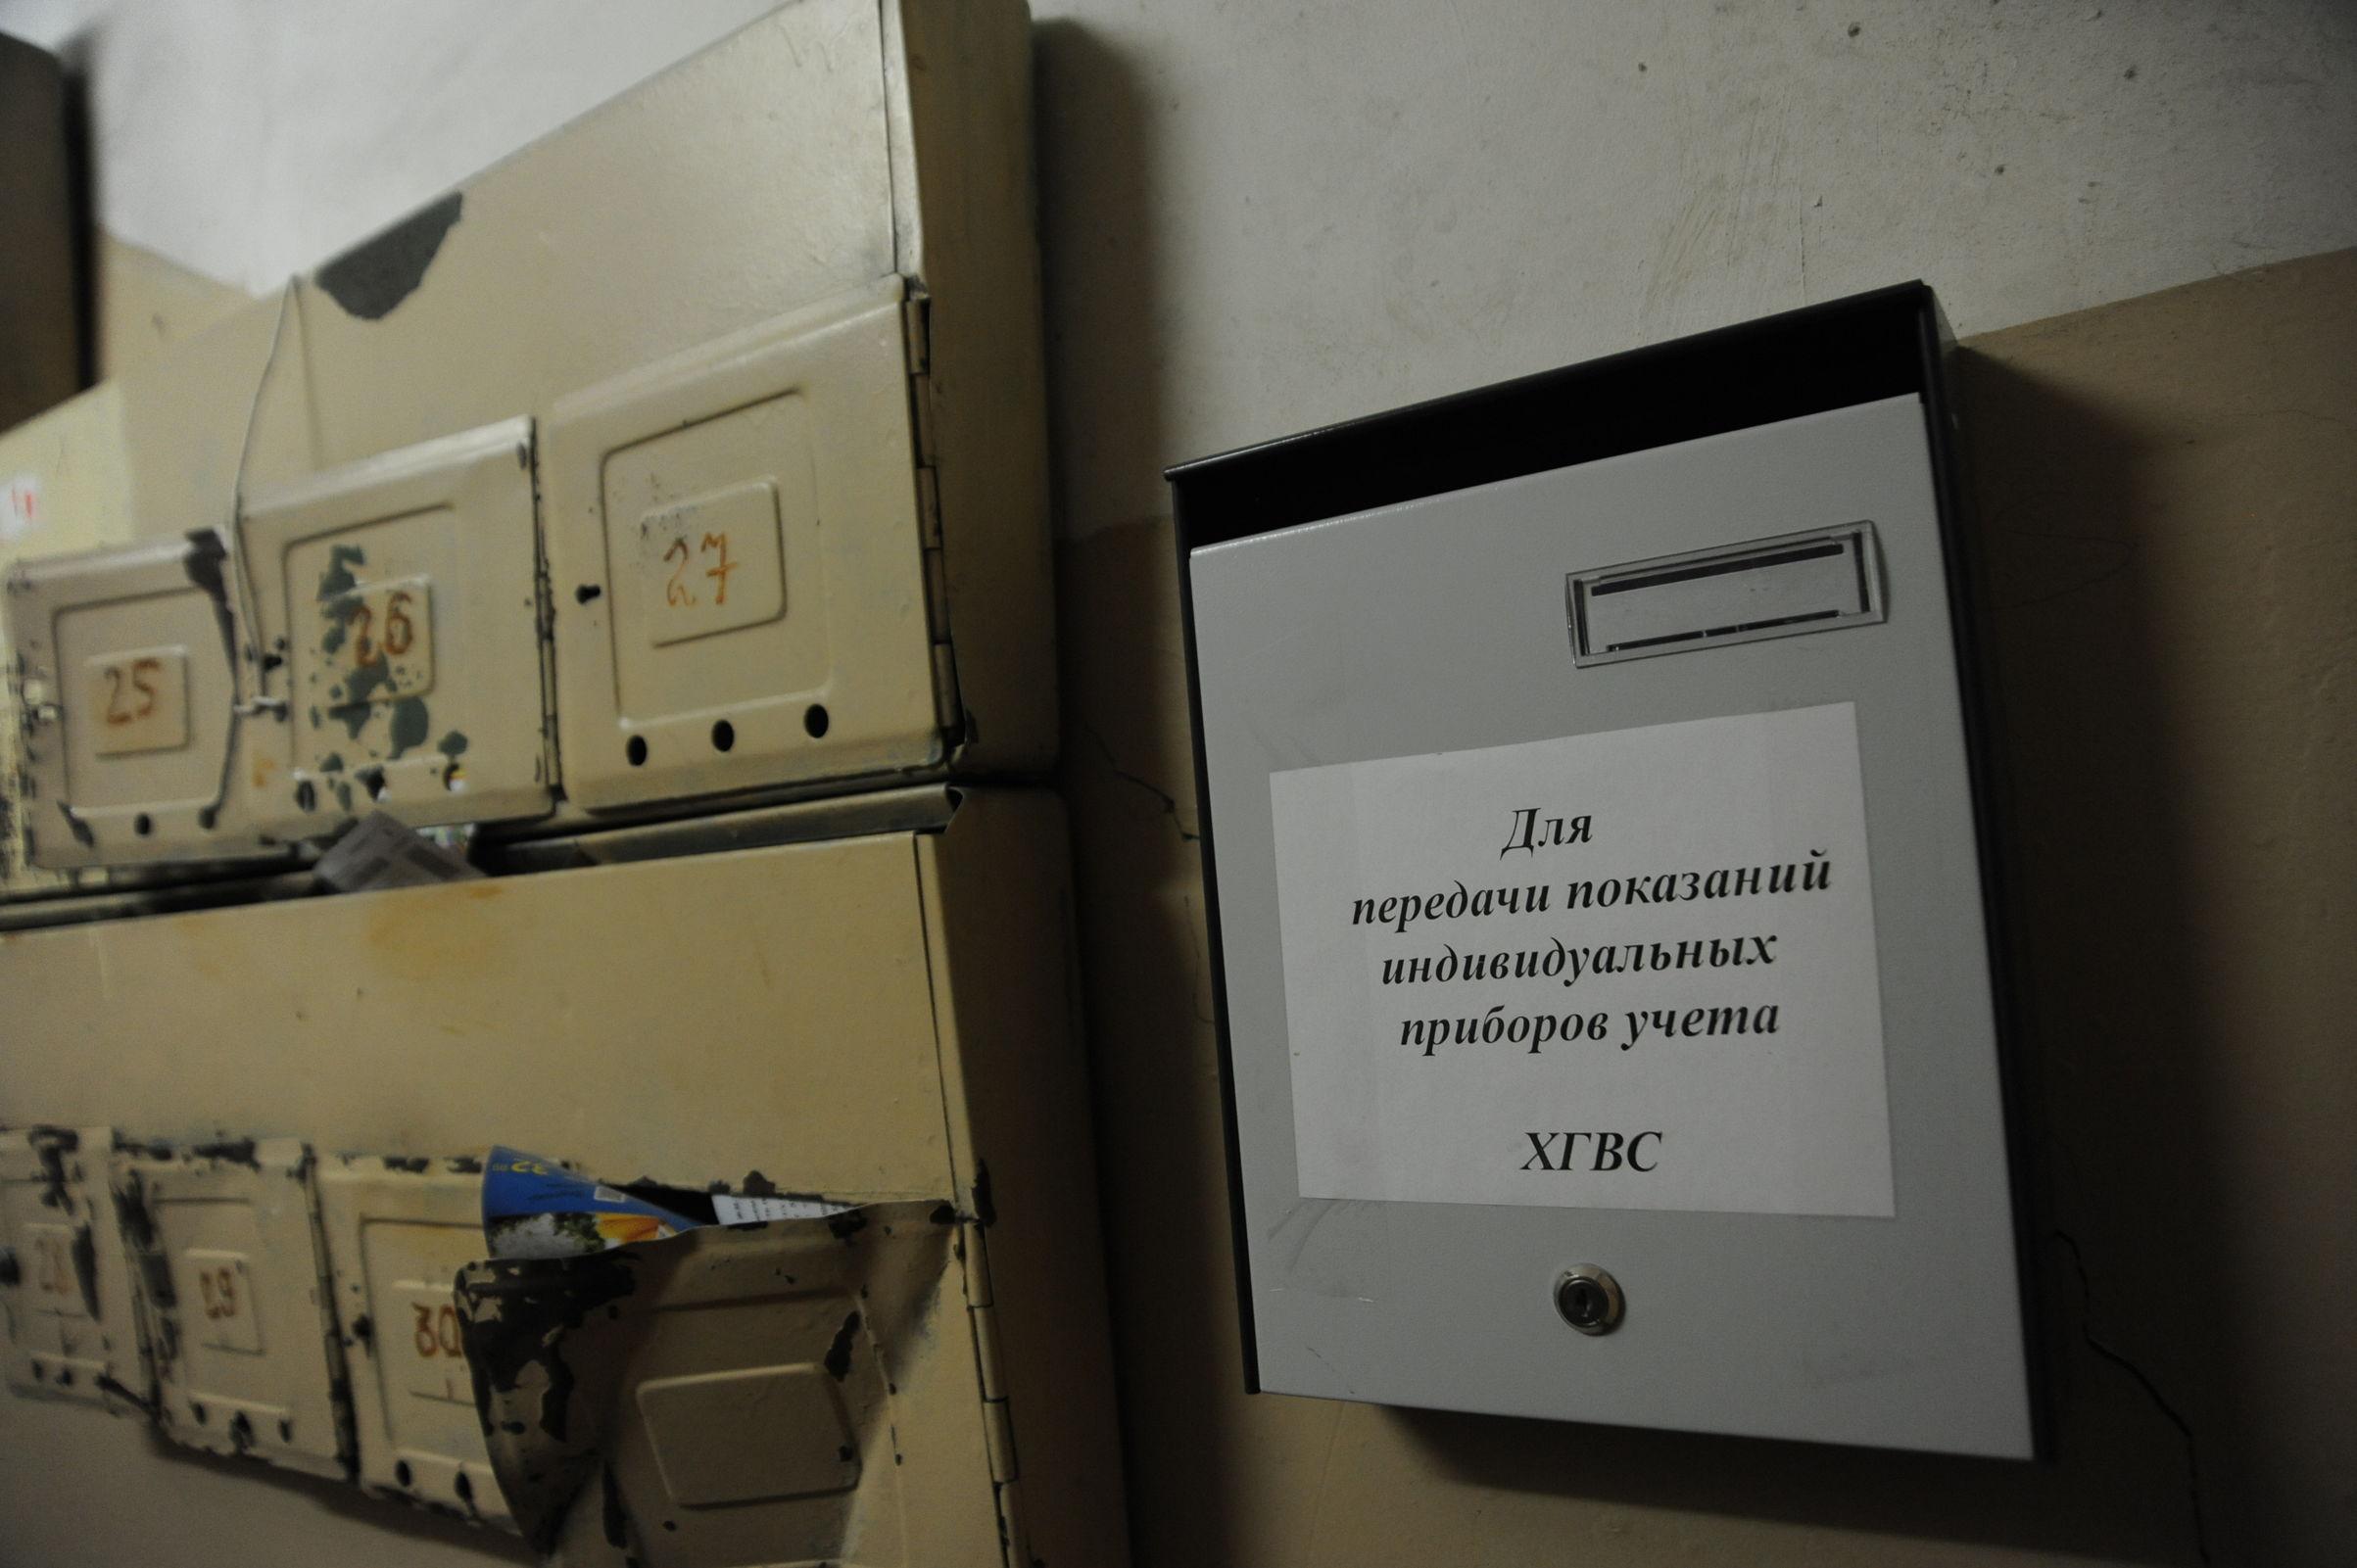 Жители Переславля смогут задать вопросы о работе управдомов